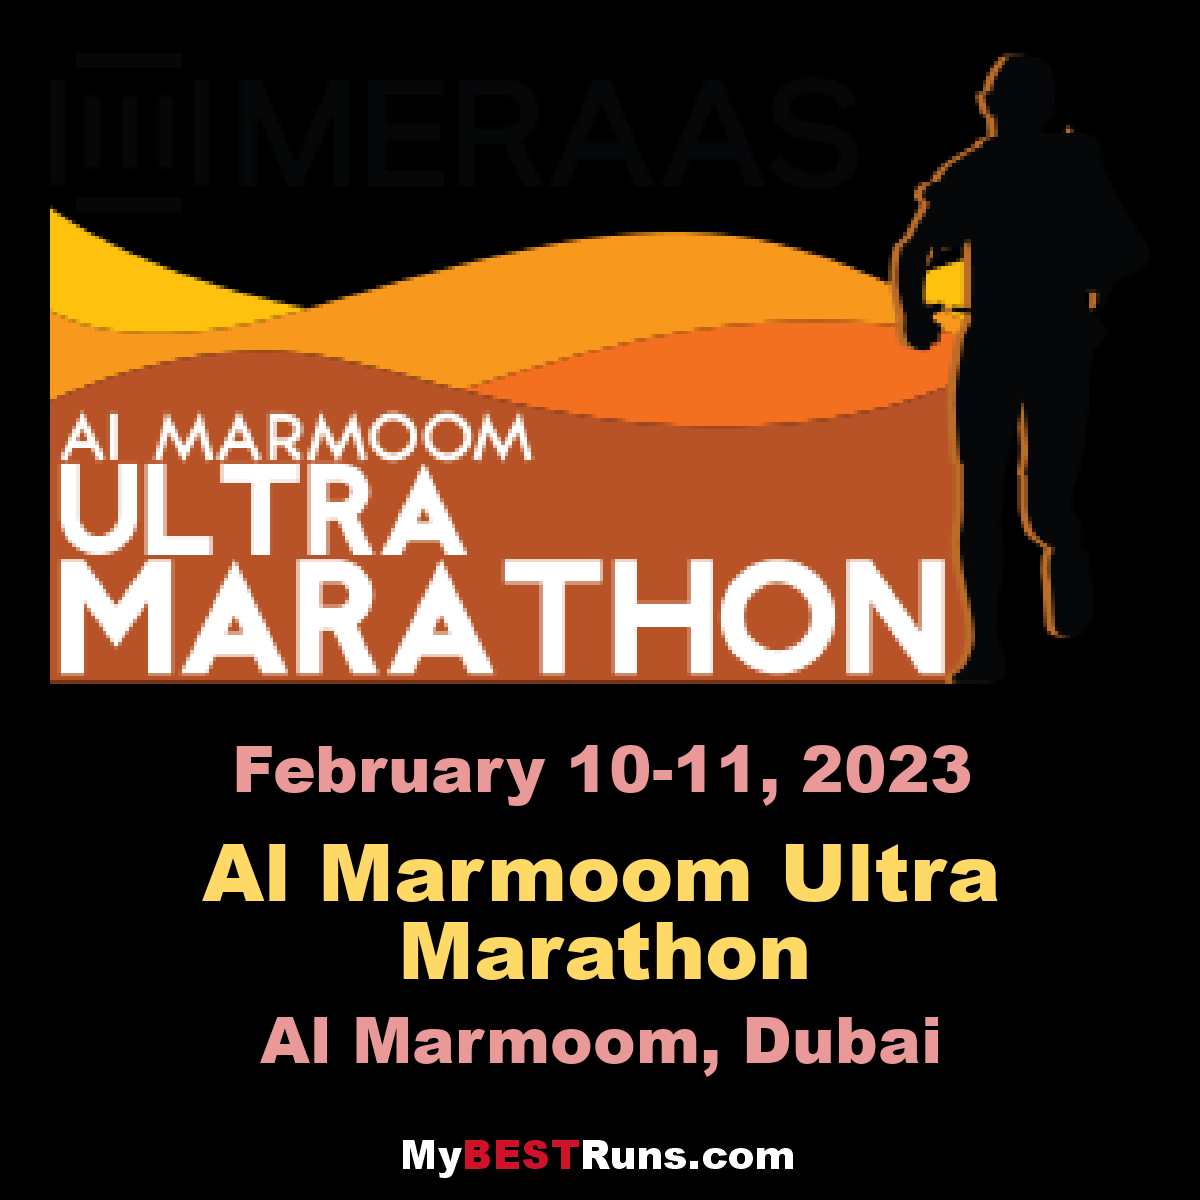 Al Marmoom Ultra Marathon